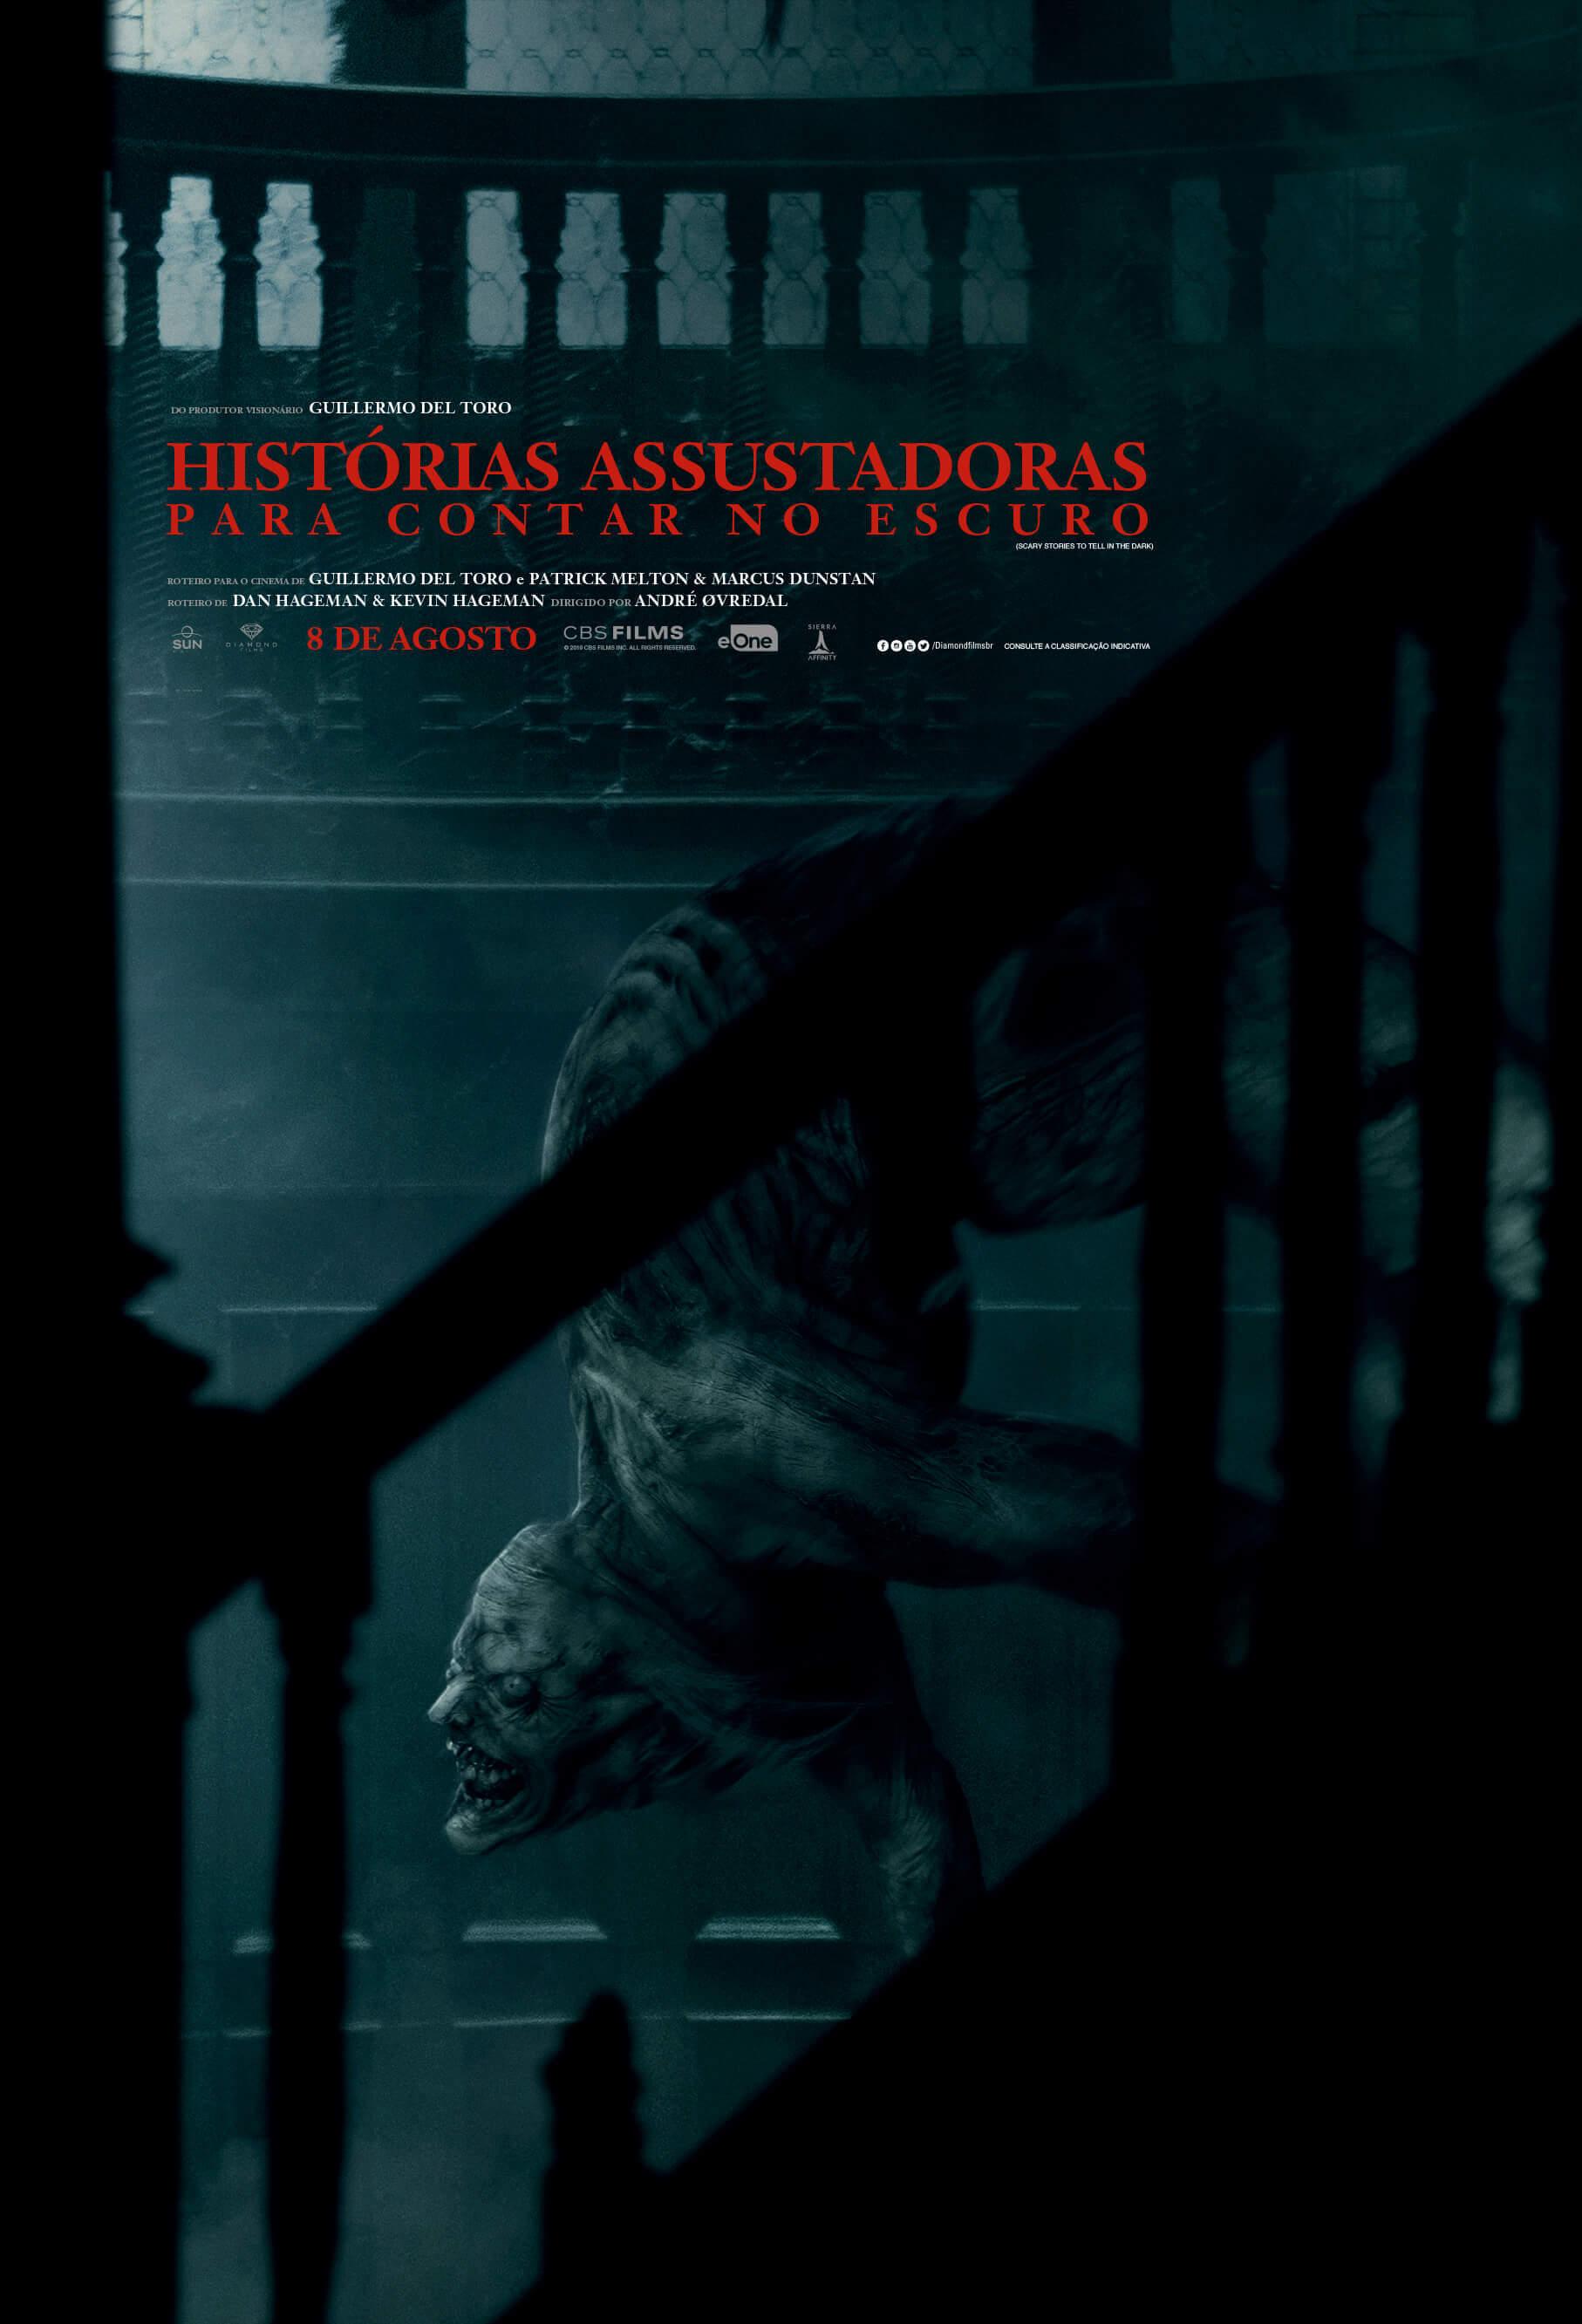 Histórias Assustadoras, Crítica Histórias Assustadoras, Guillermo Del Toro, Delfos